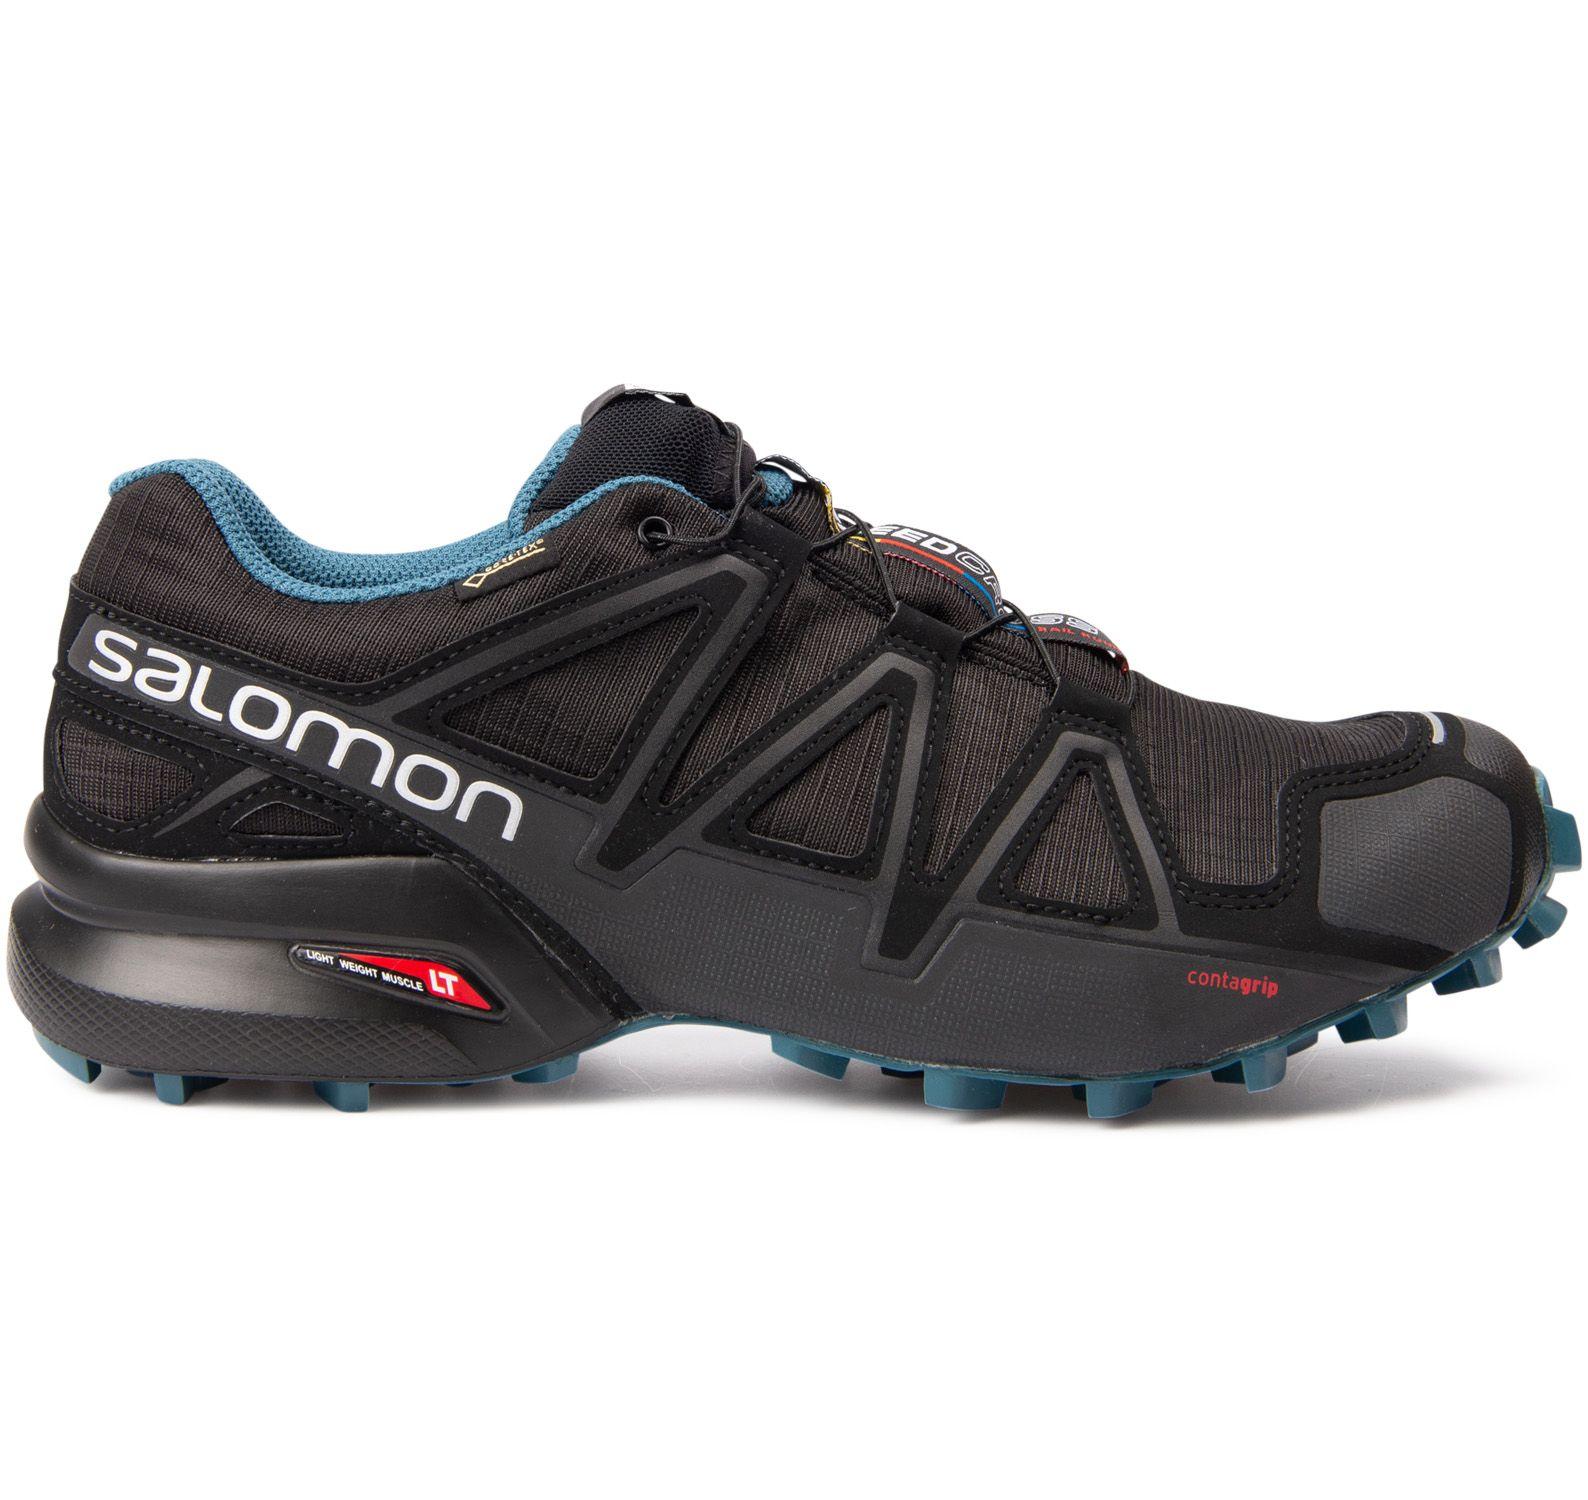 speedcross 4 gtx® nocturne 2, black / black / mallard blue, 38